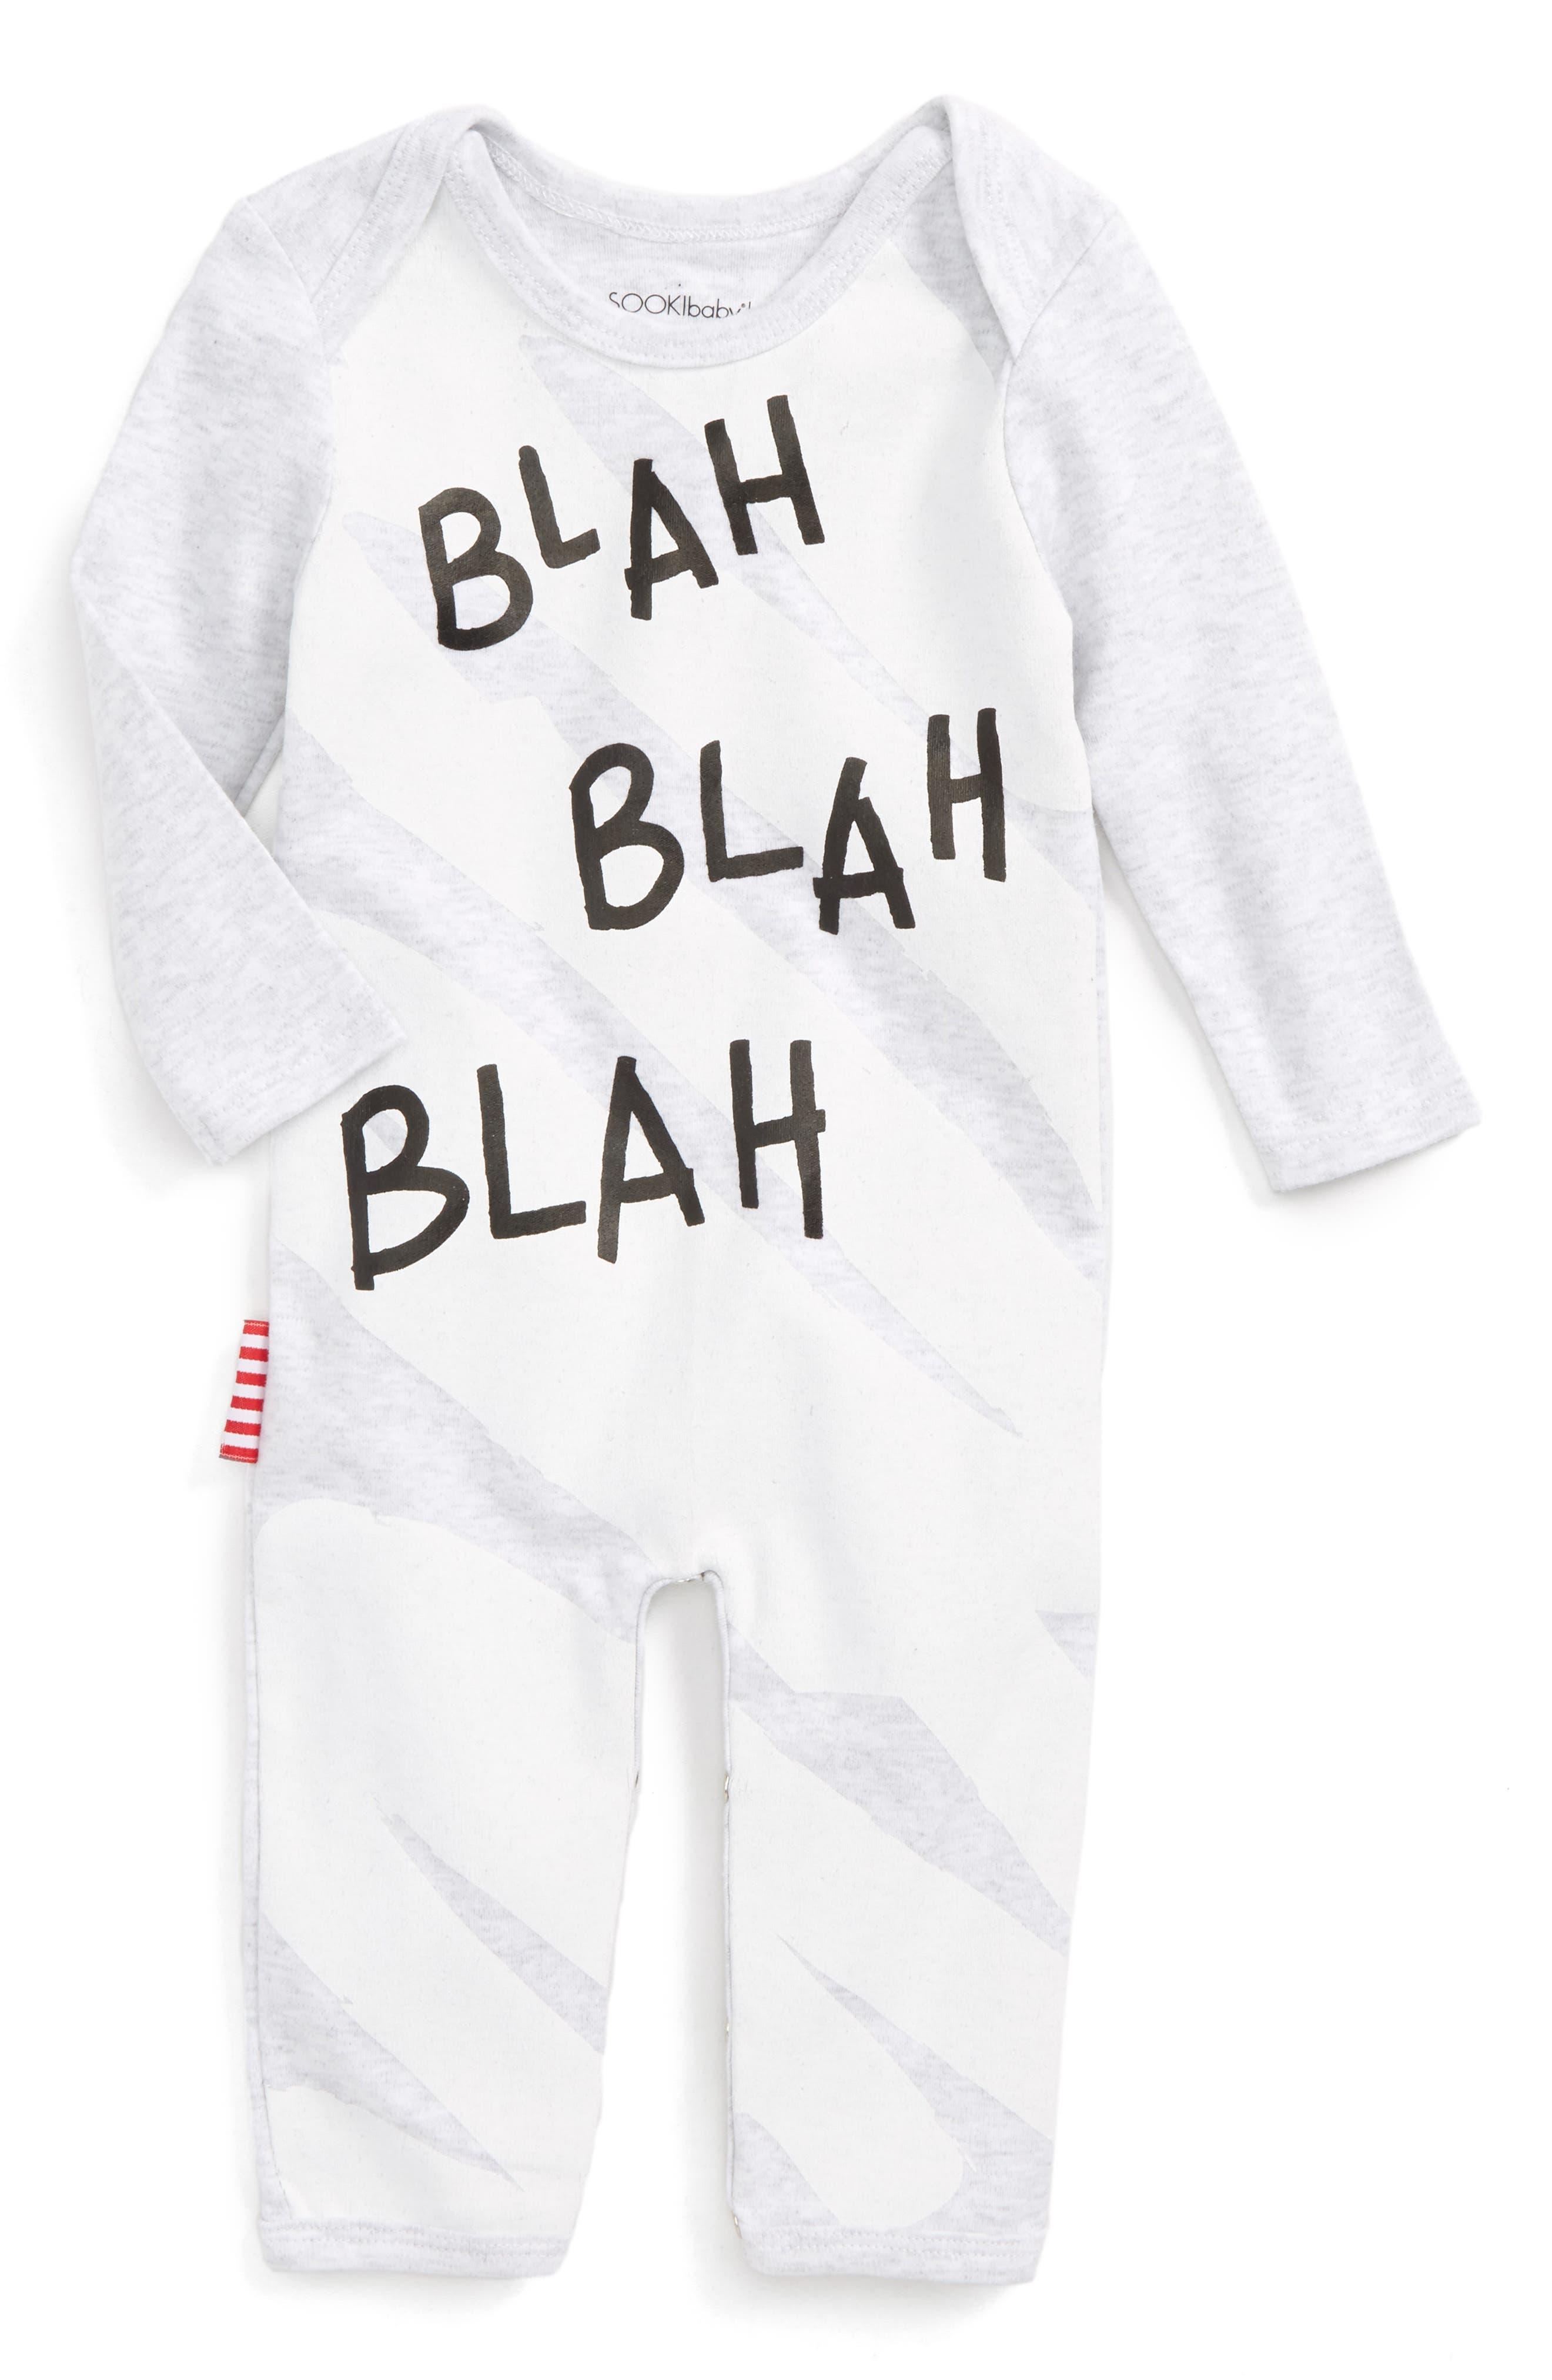 SOOKIbaby Blah Blah Blah Romper (Baby)